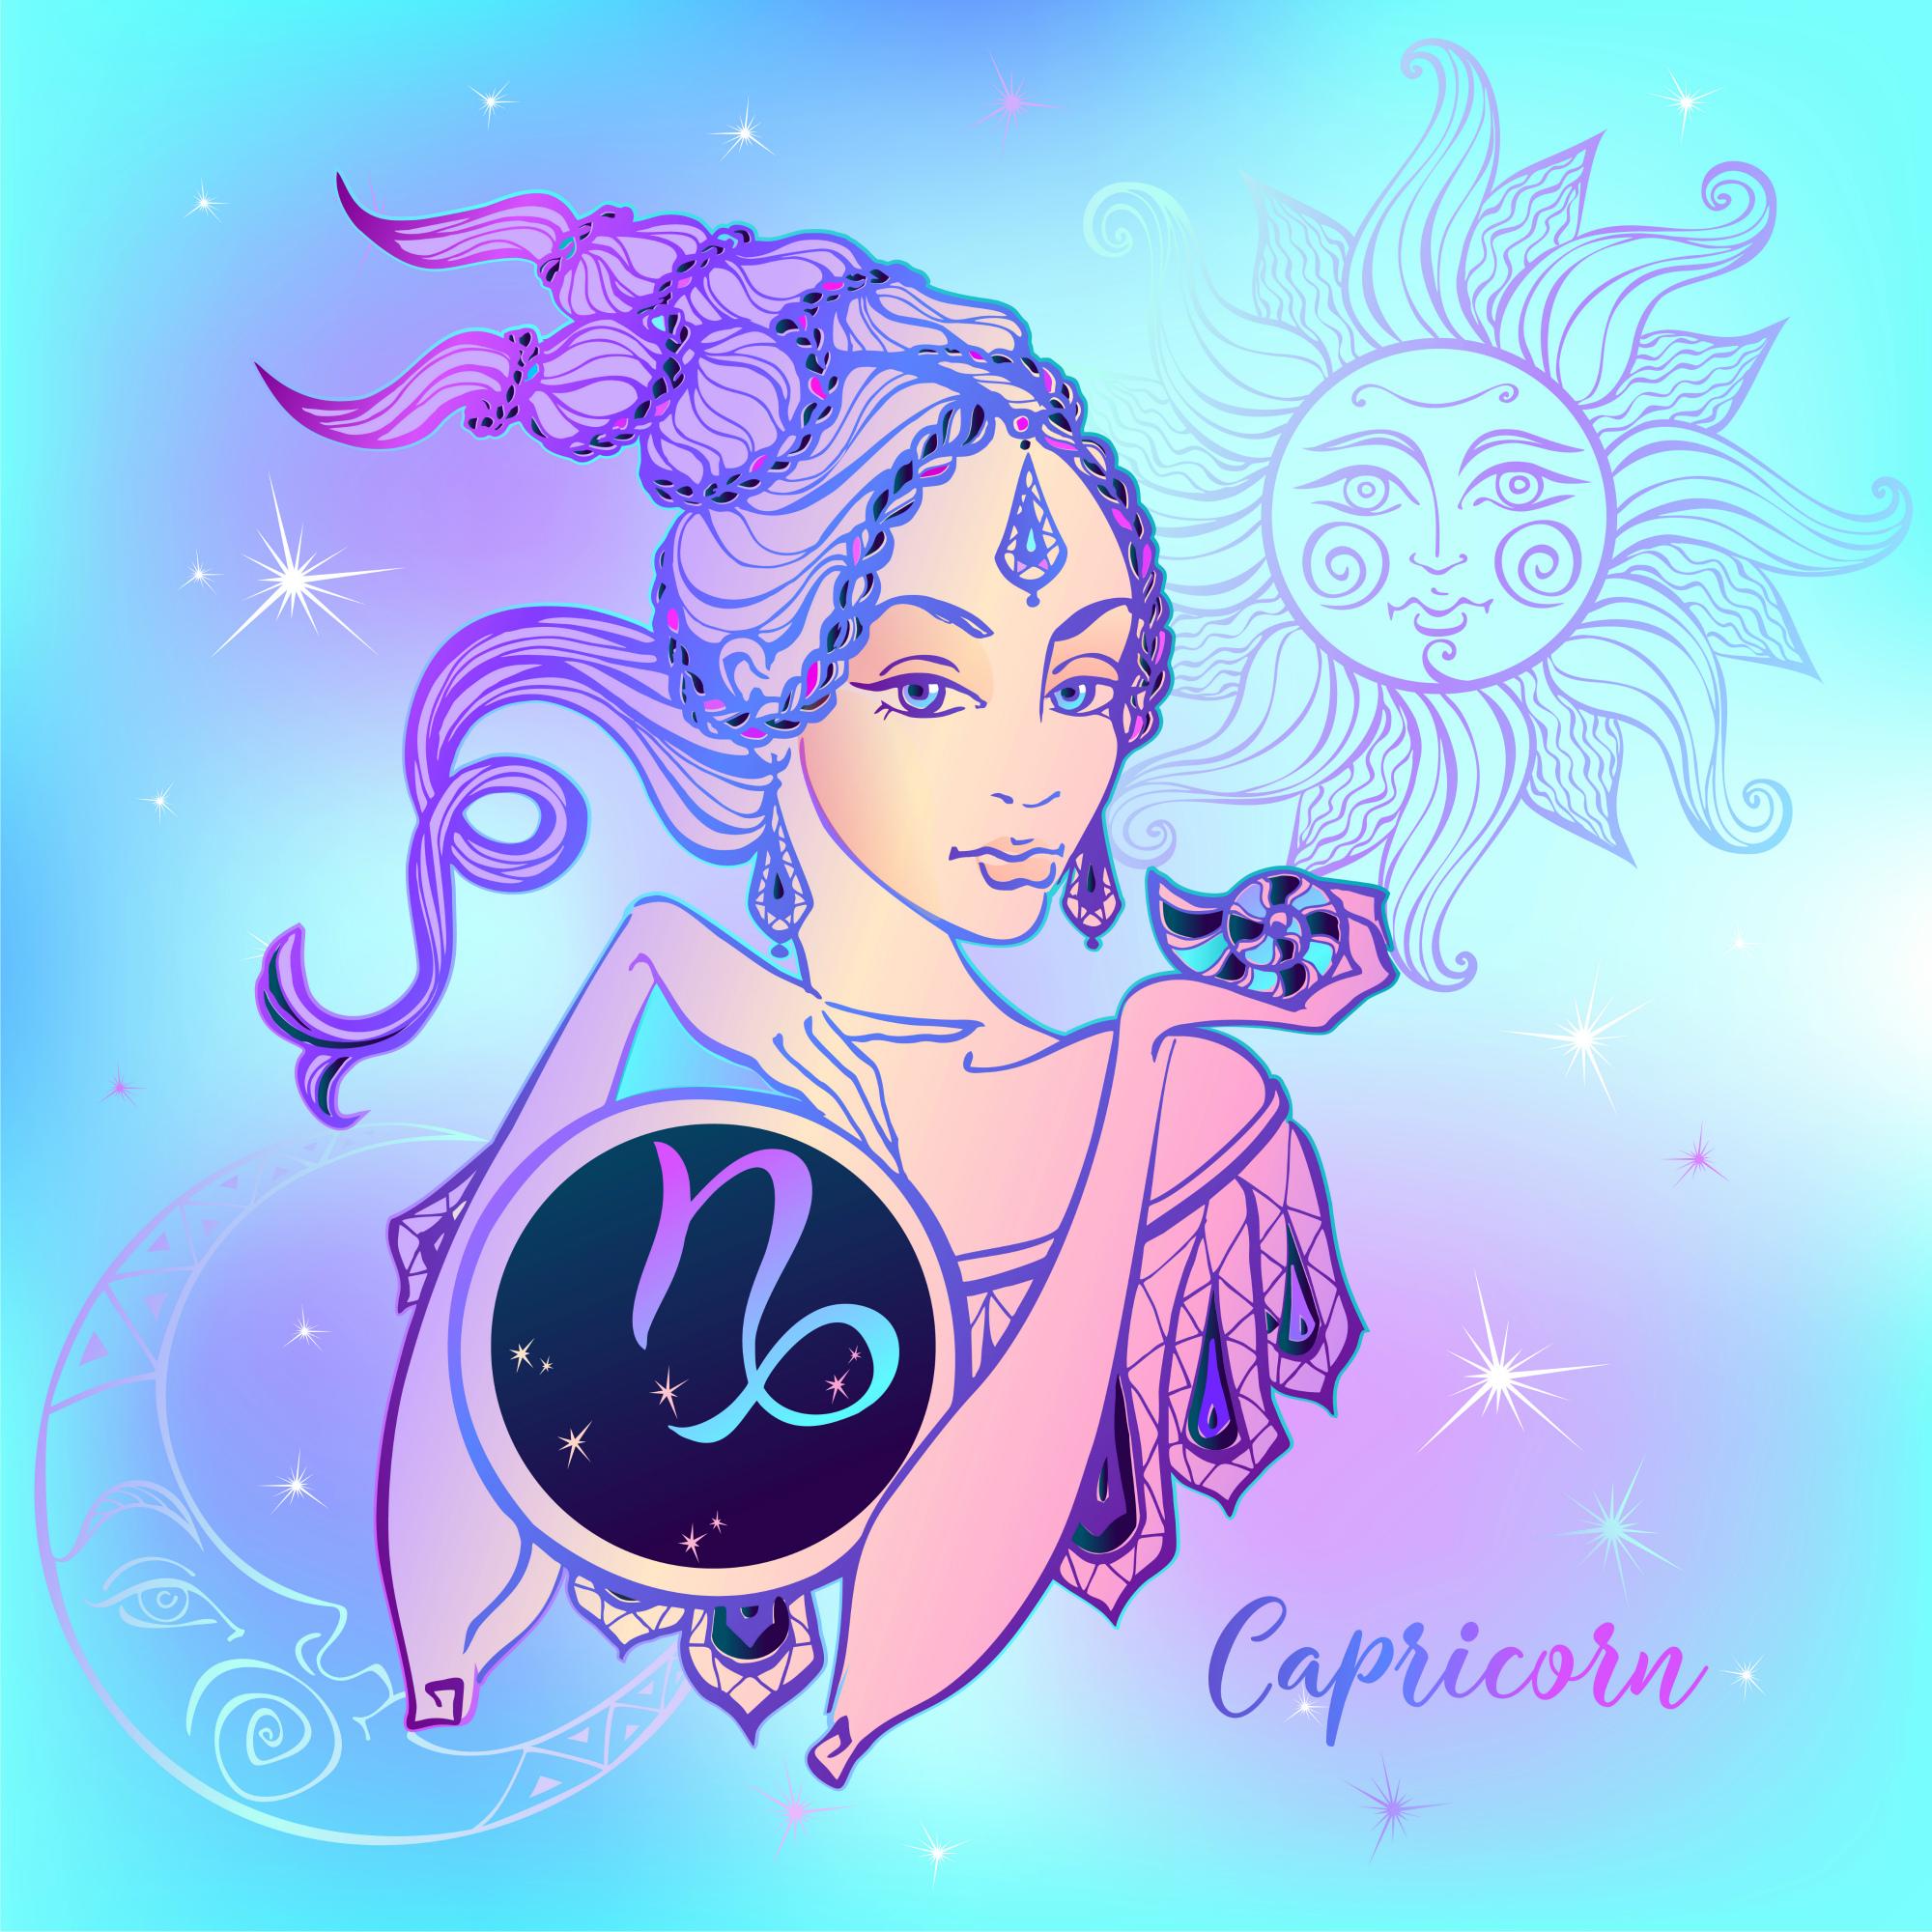 знаки гороскопа рисунки